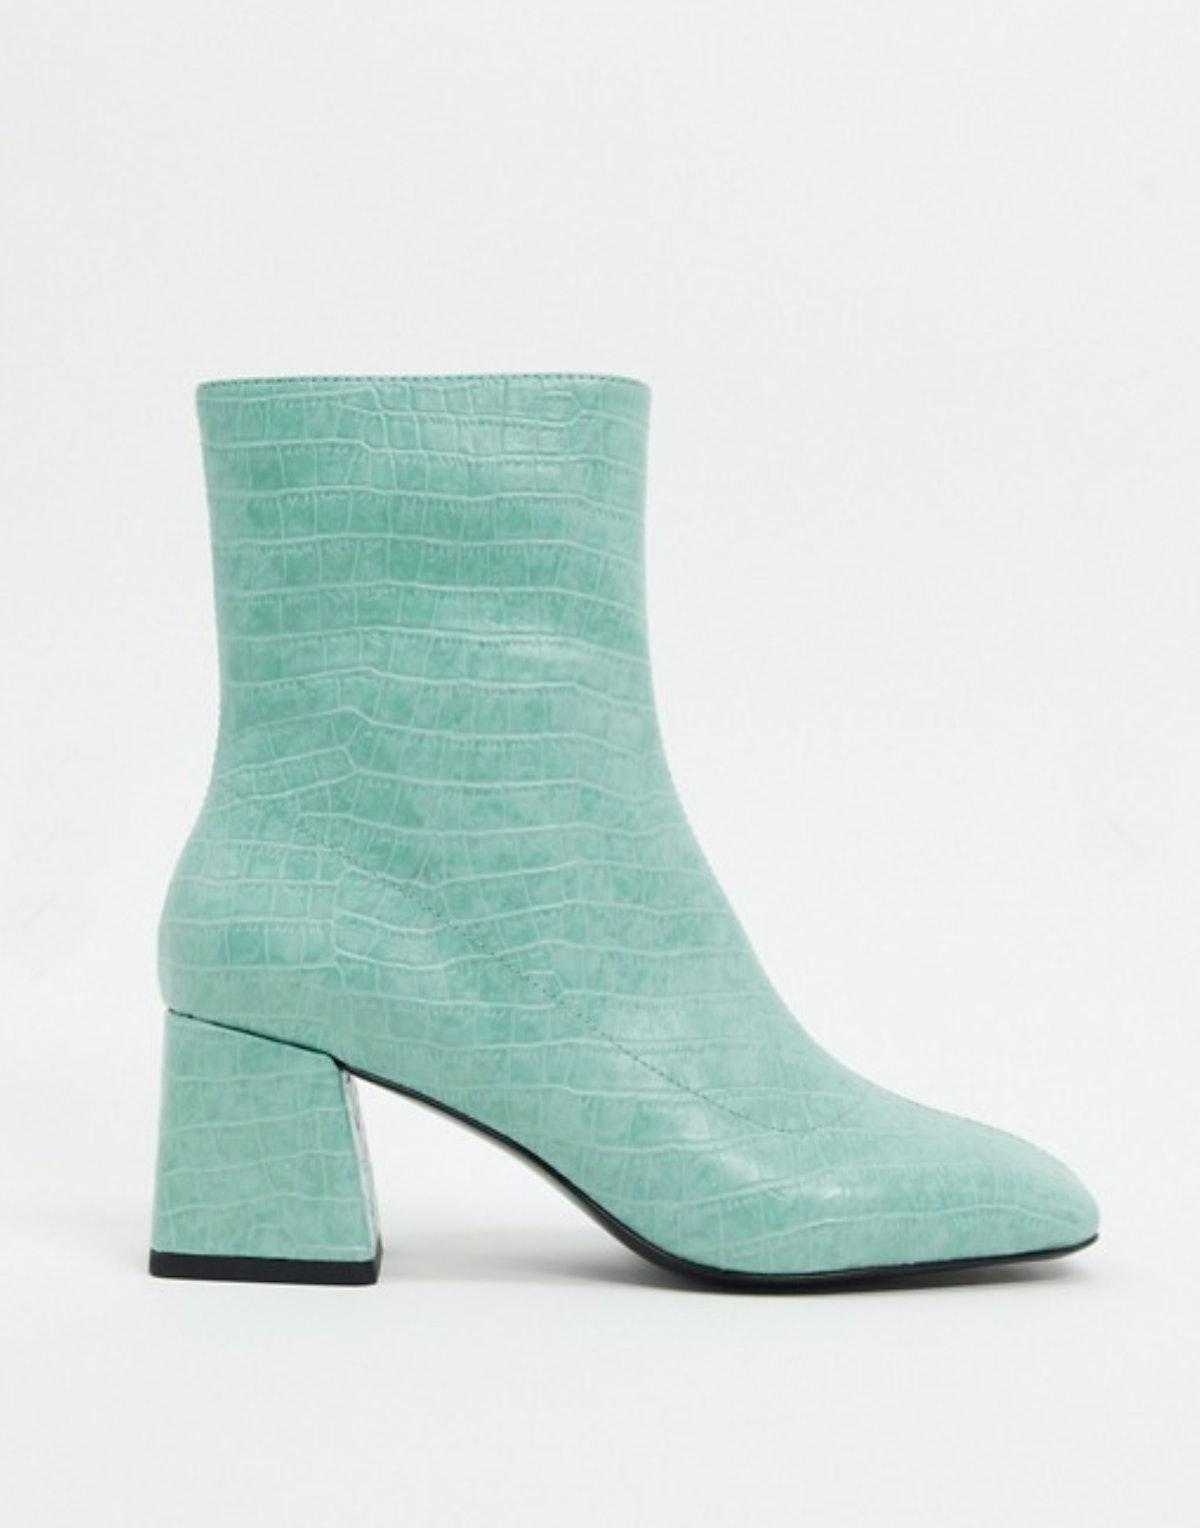 Monki Croc Print Ankle Boots